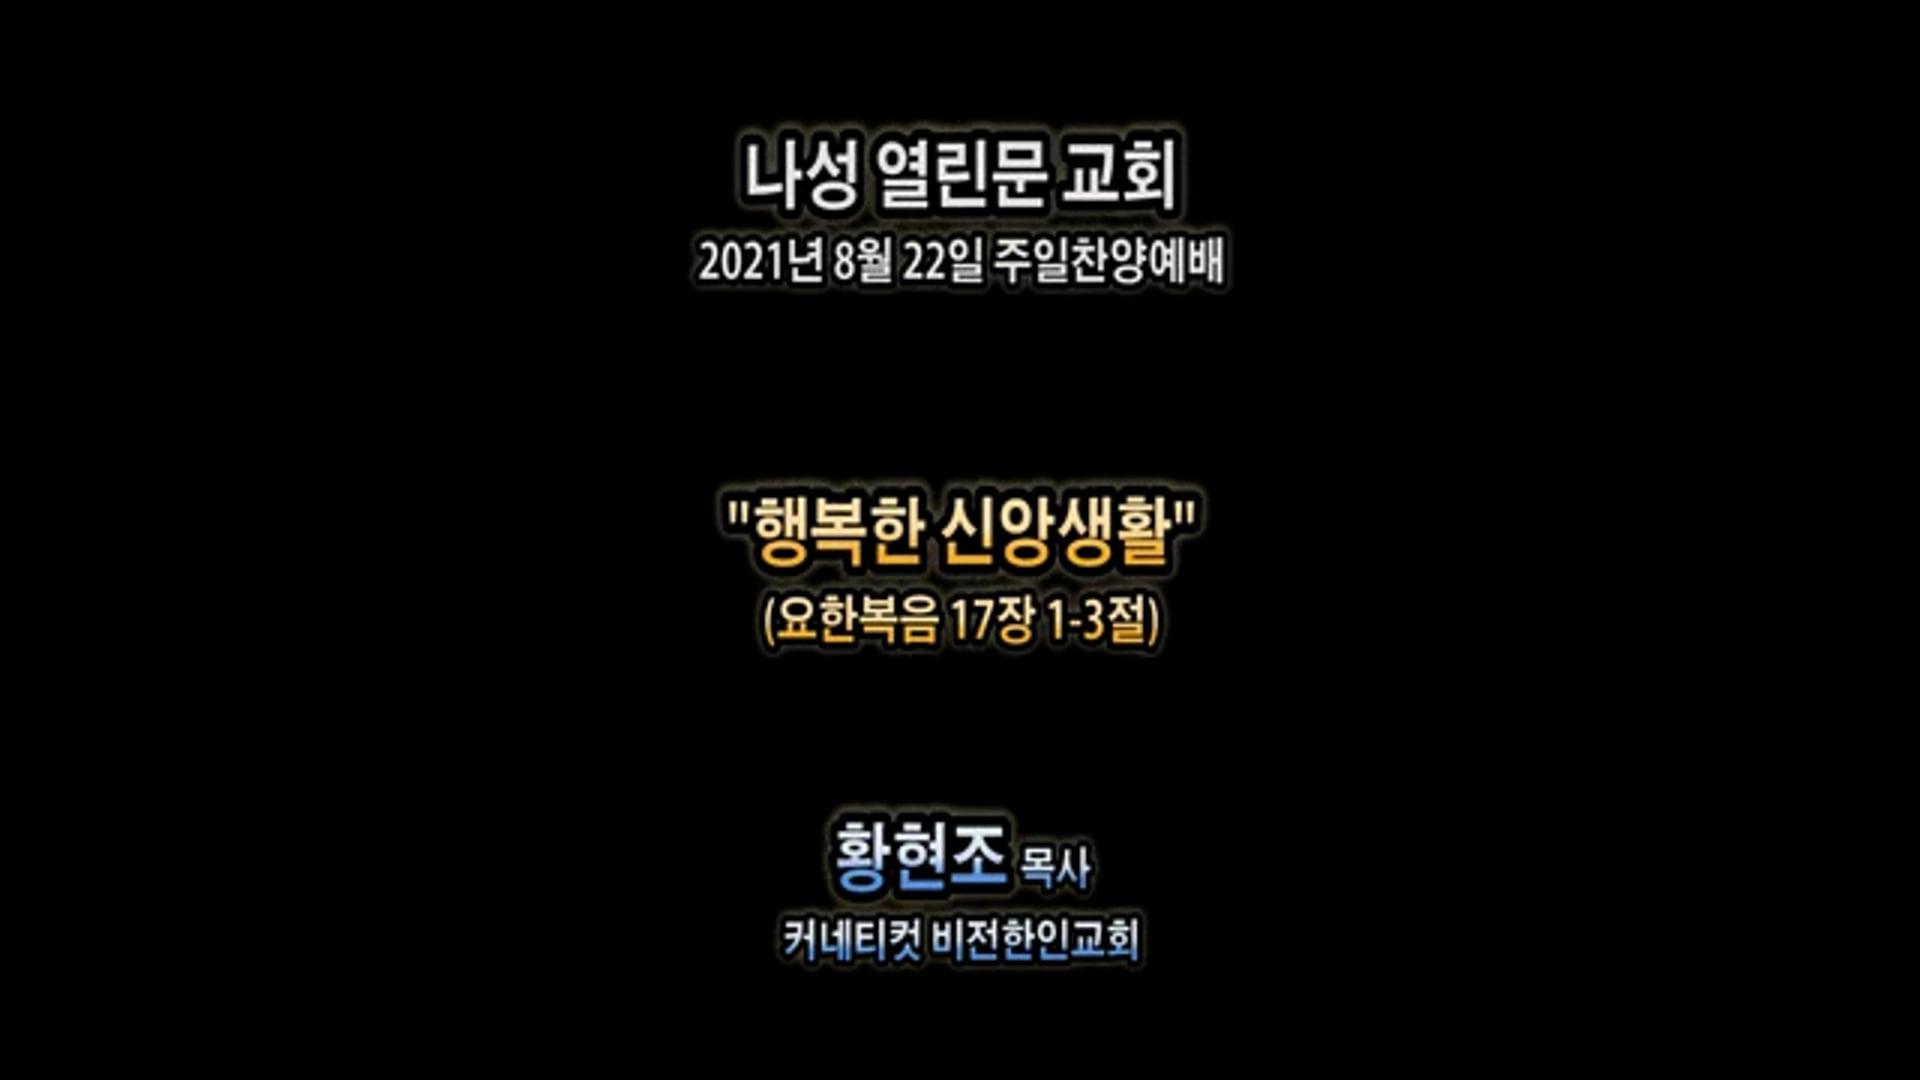 20210822 주일찬양 황현조 목사